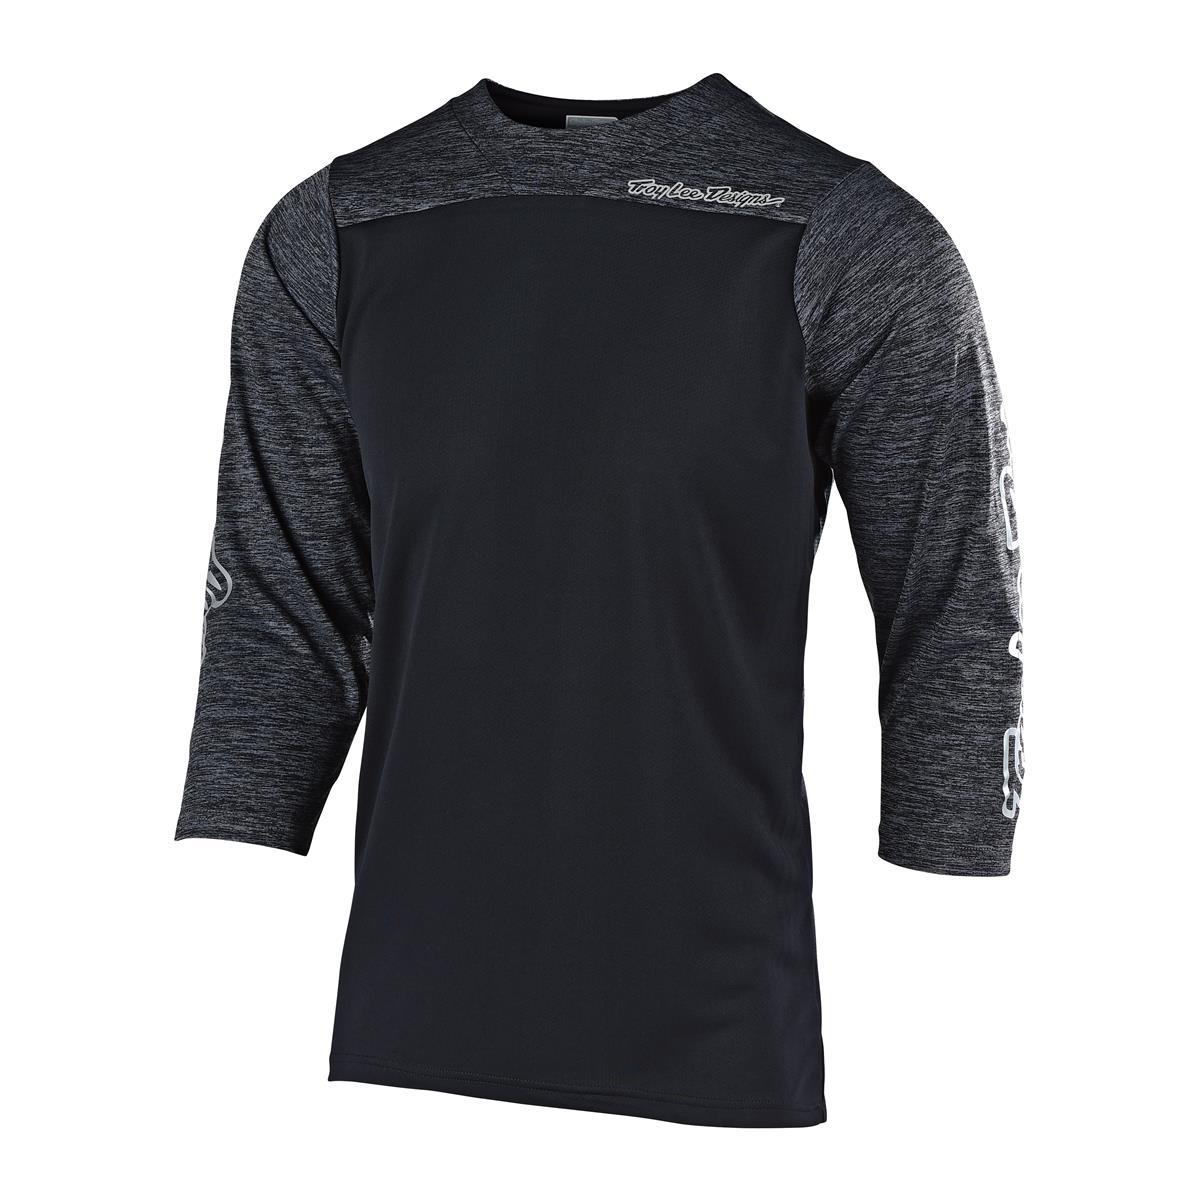 Troy Lee Designs Trail-Jersey 3/4-Arm Ruckus Block - Schwarz/Schwarz meliert